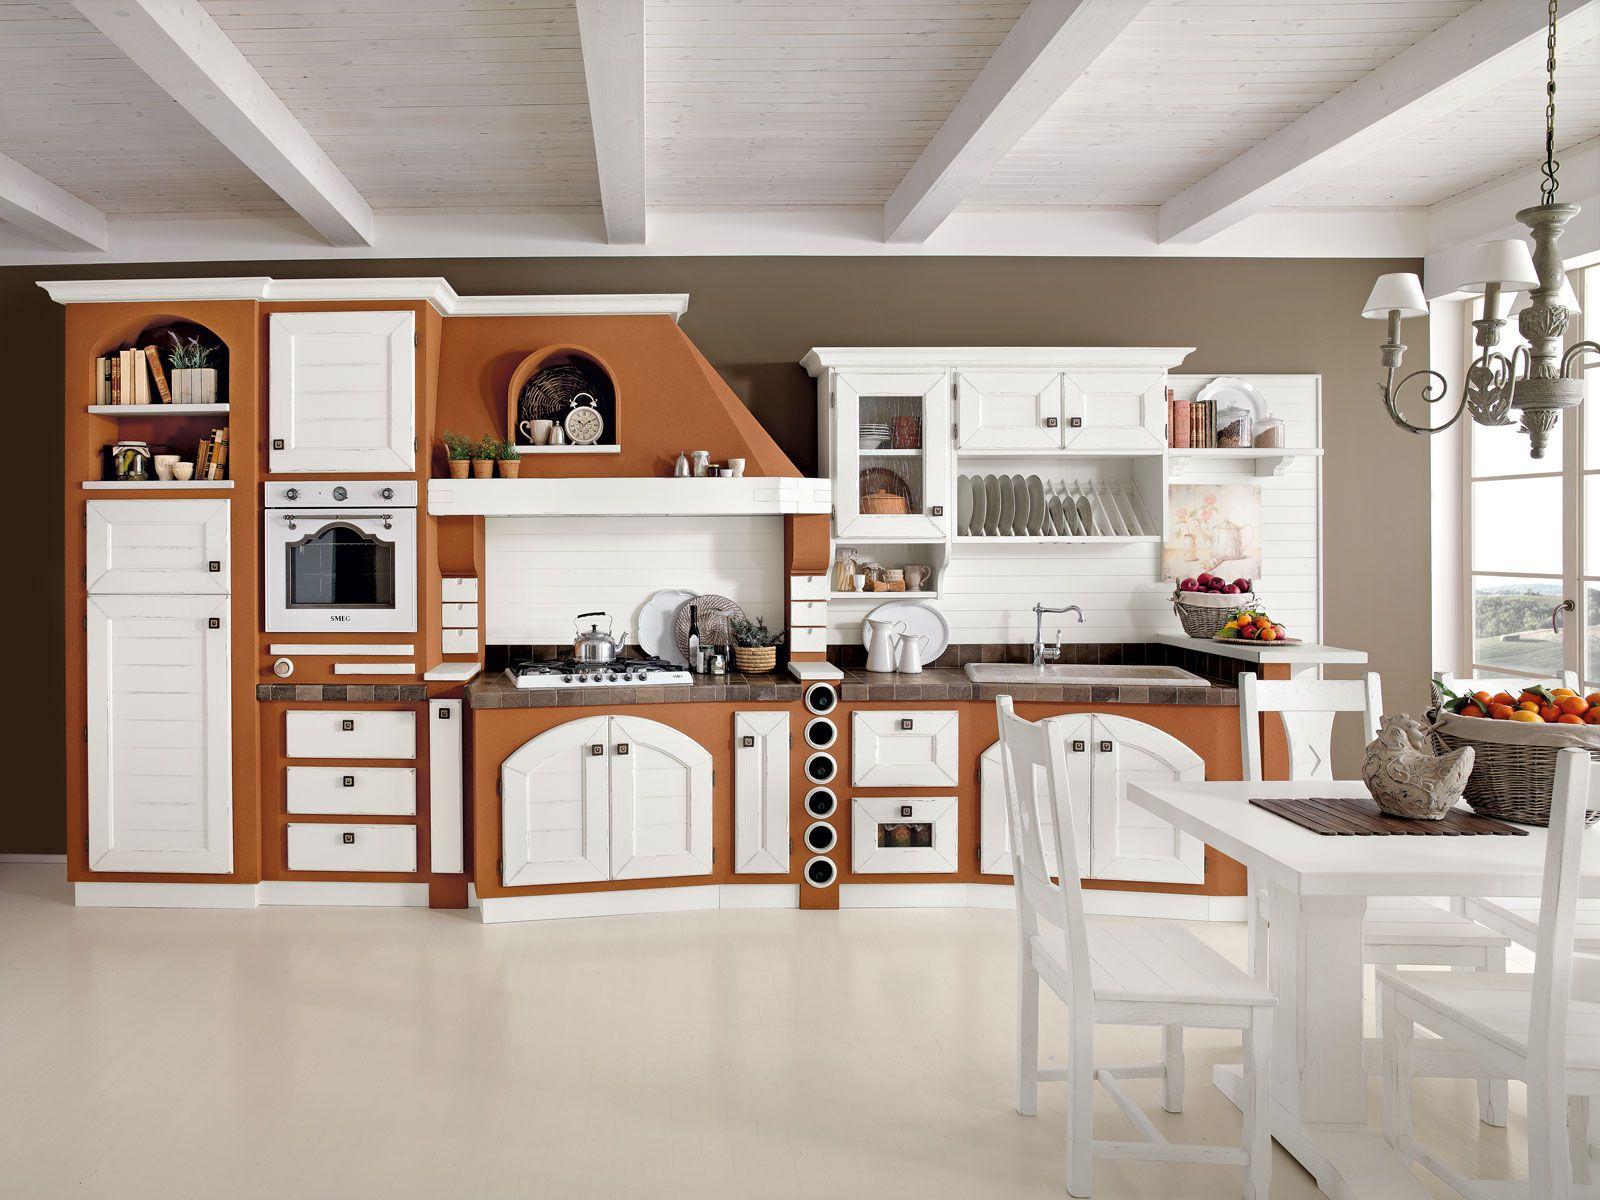 Cucine effetto muratura. Vera o finta? | Cucina in muratura ...